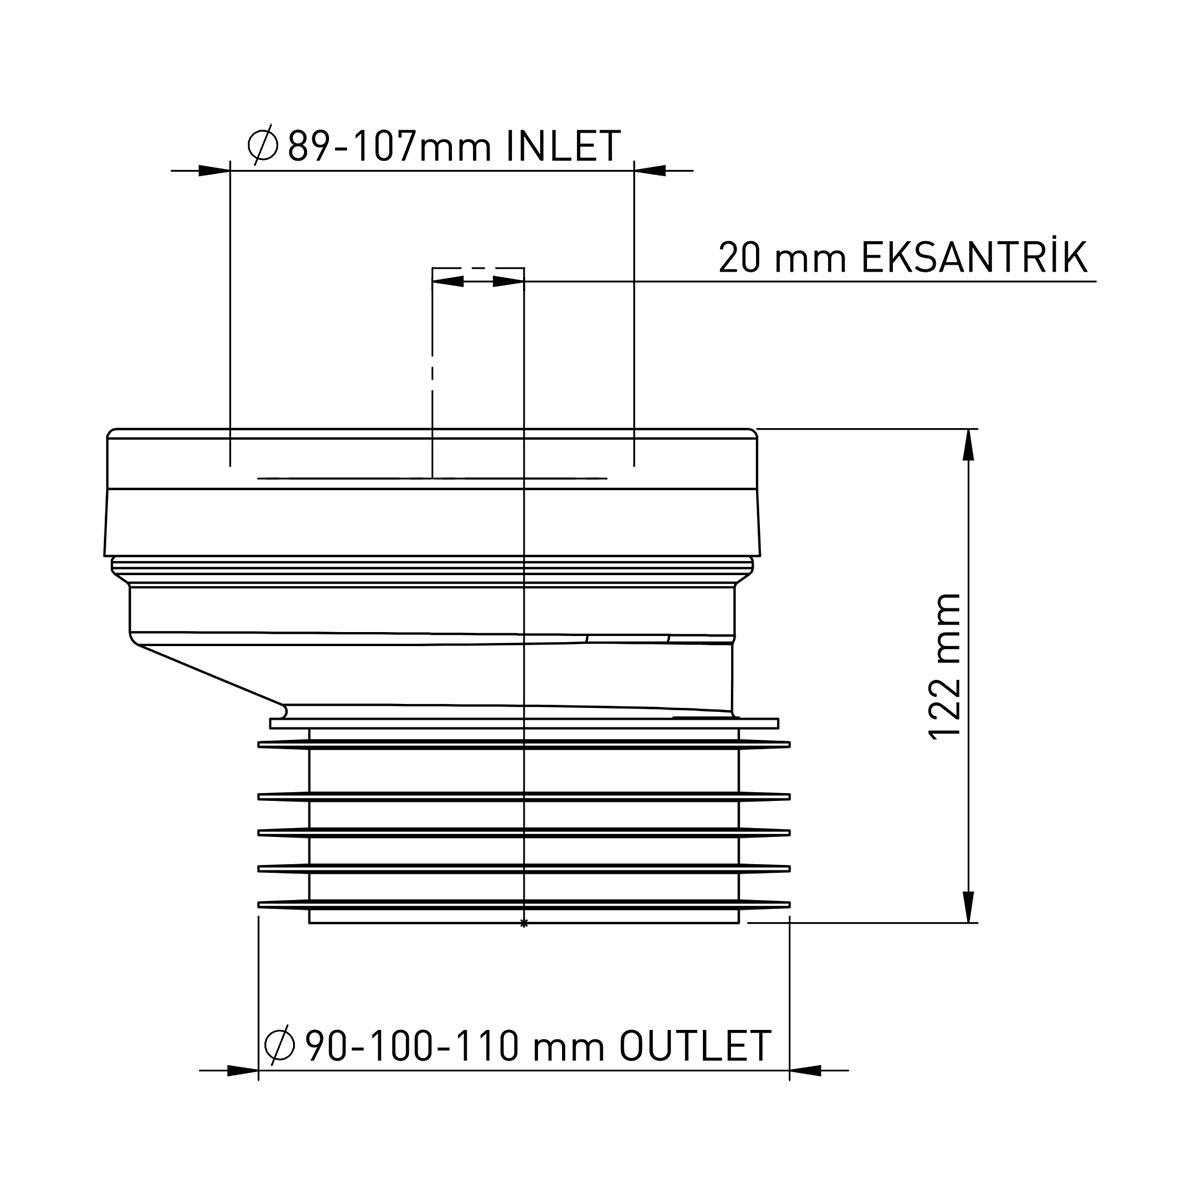 PP Eksantrik Kada 20 mm